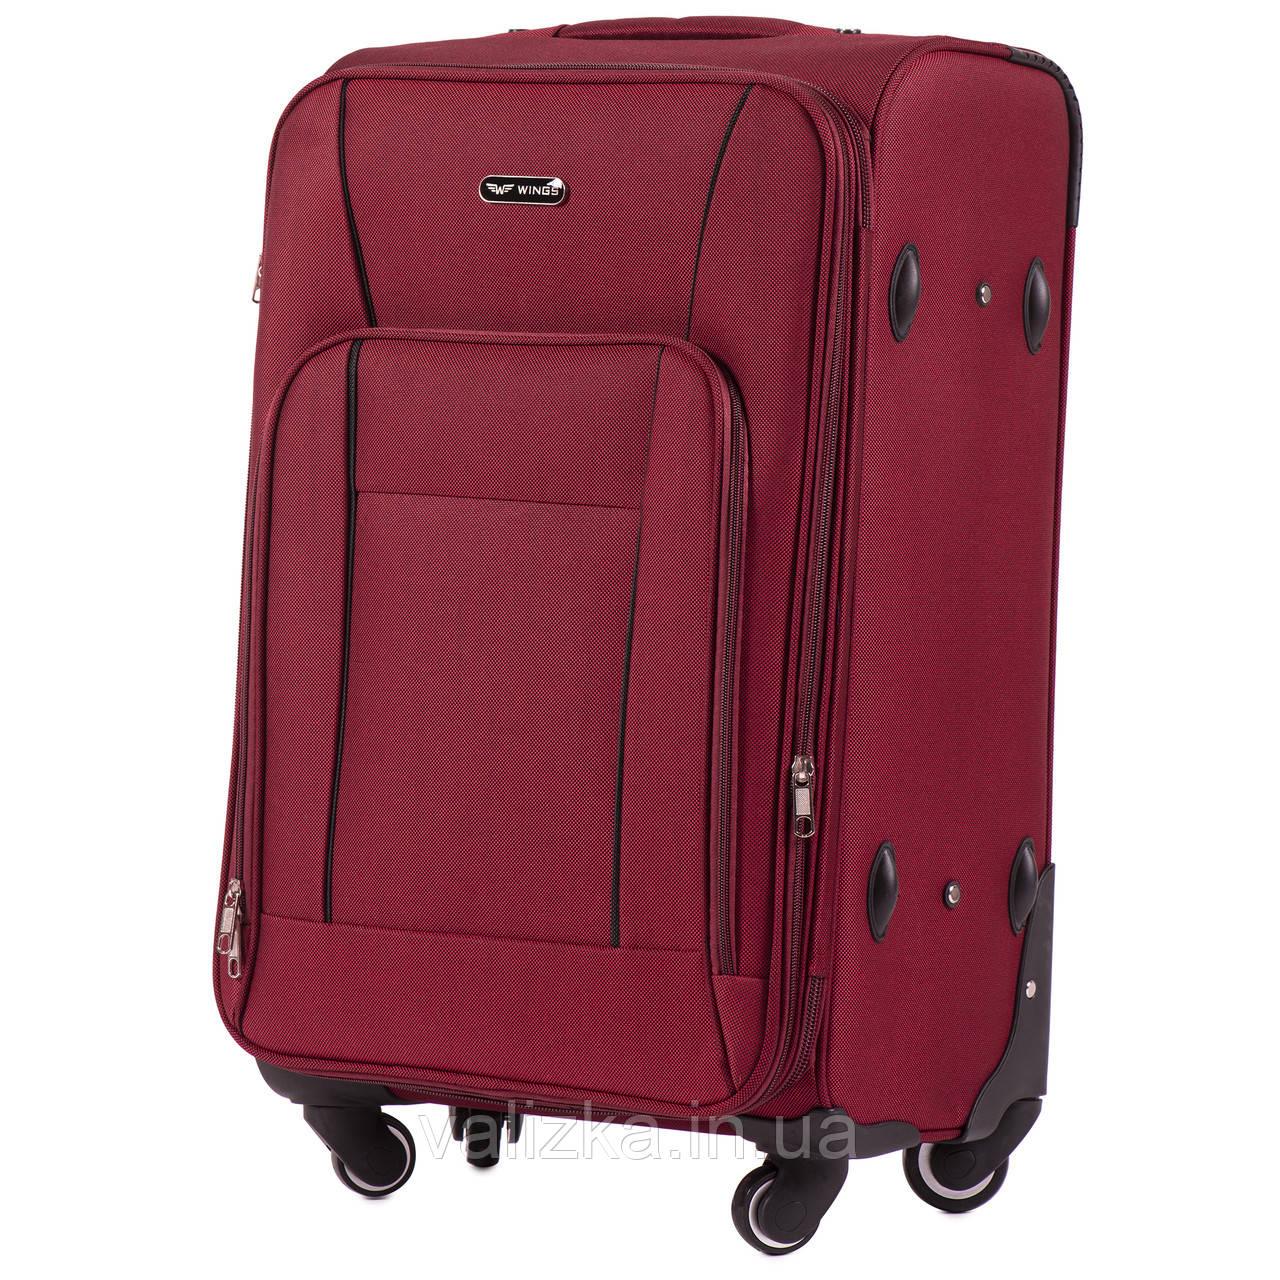 Средний текстильный чемодан на 4-х колесах с расширителем бордовый Польша